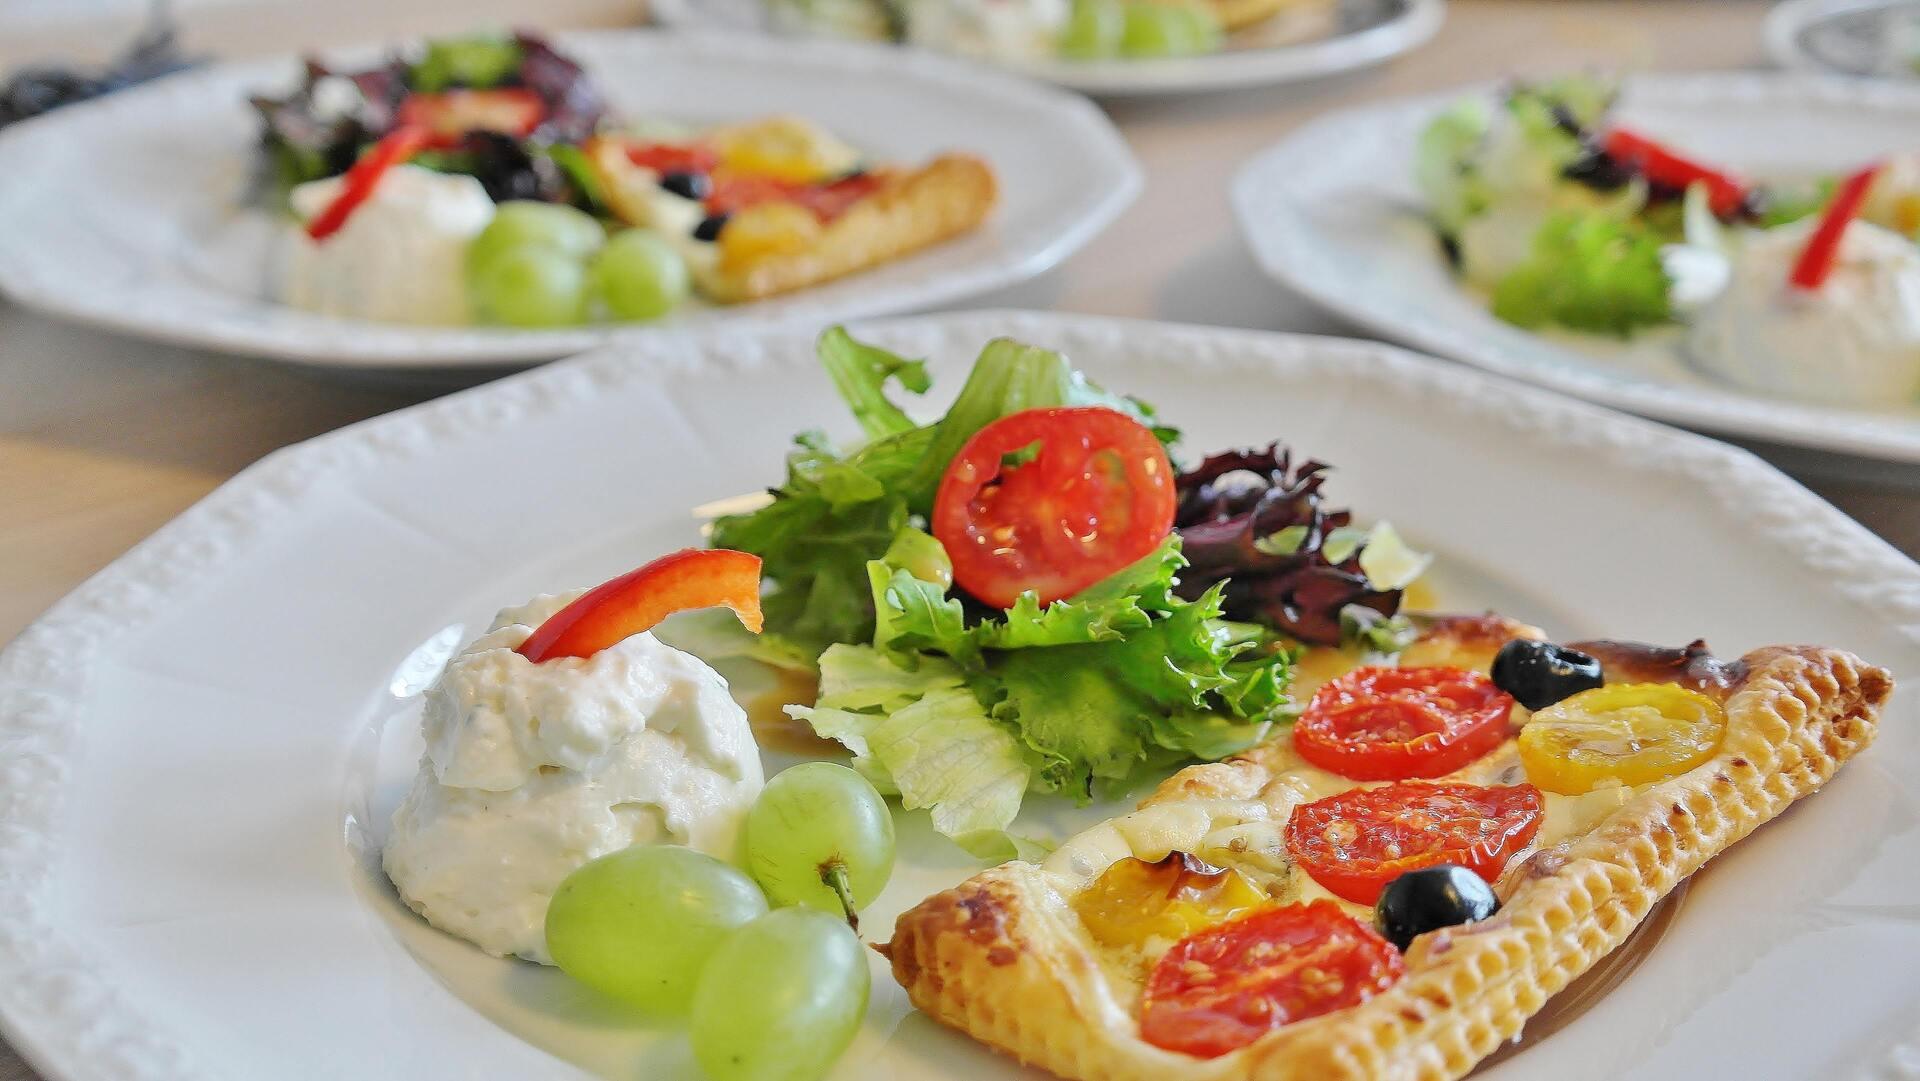 prato com salada e pizza